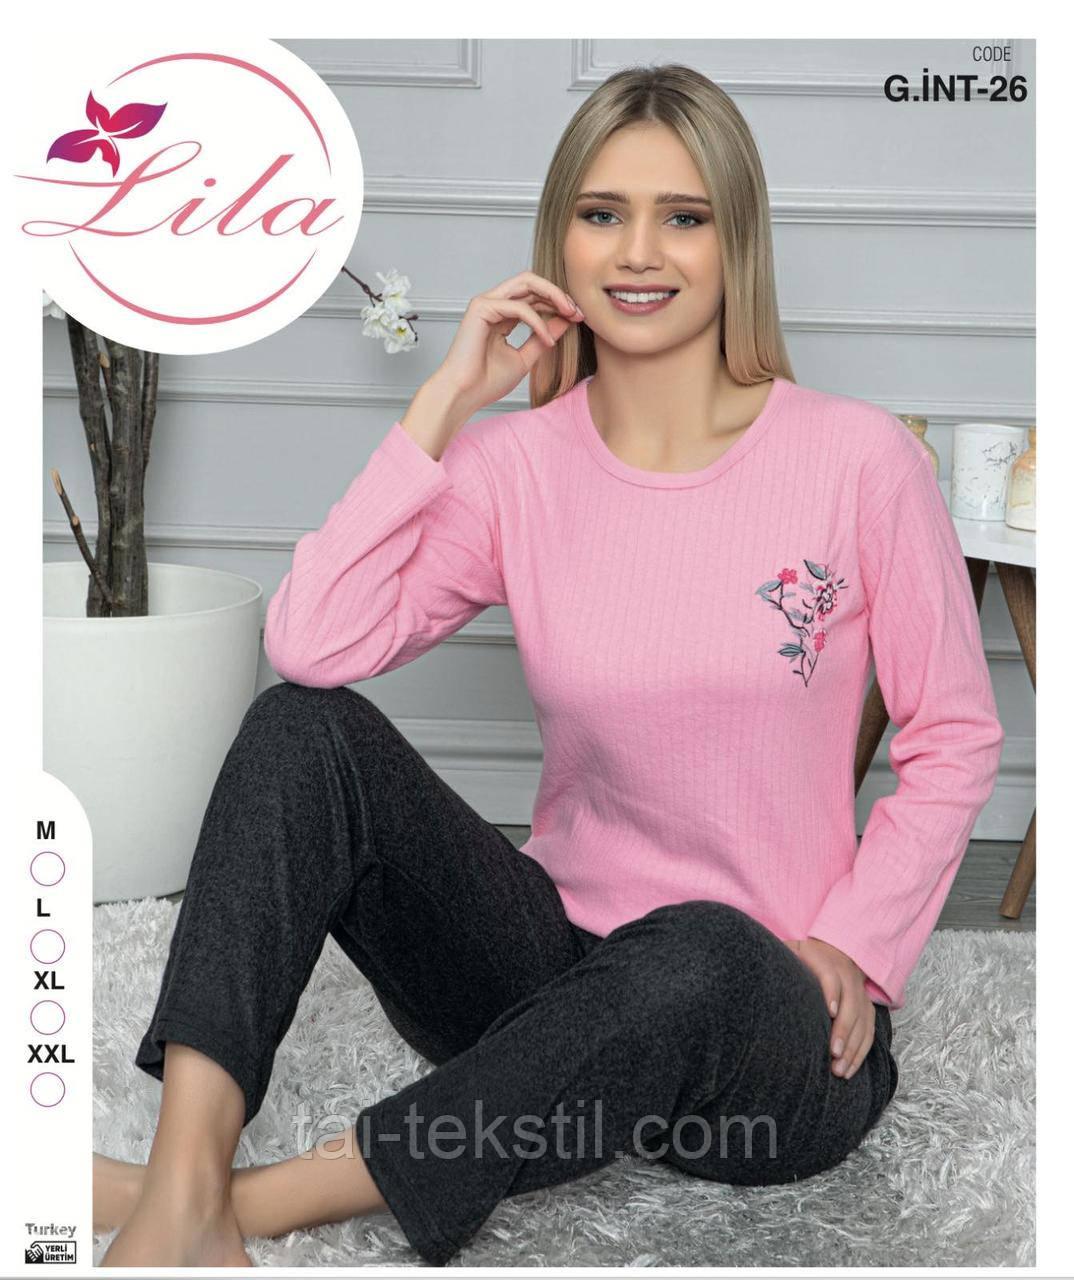 Пижама теплая женская мягкий ИНТЕРЛОК-КАШЕМИР Турция M-L-XL-2XL